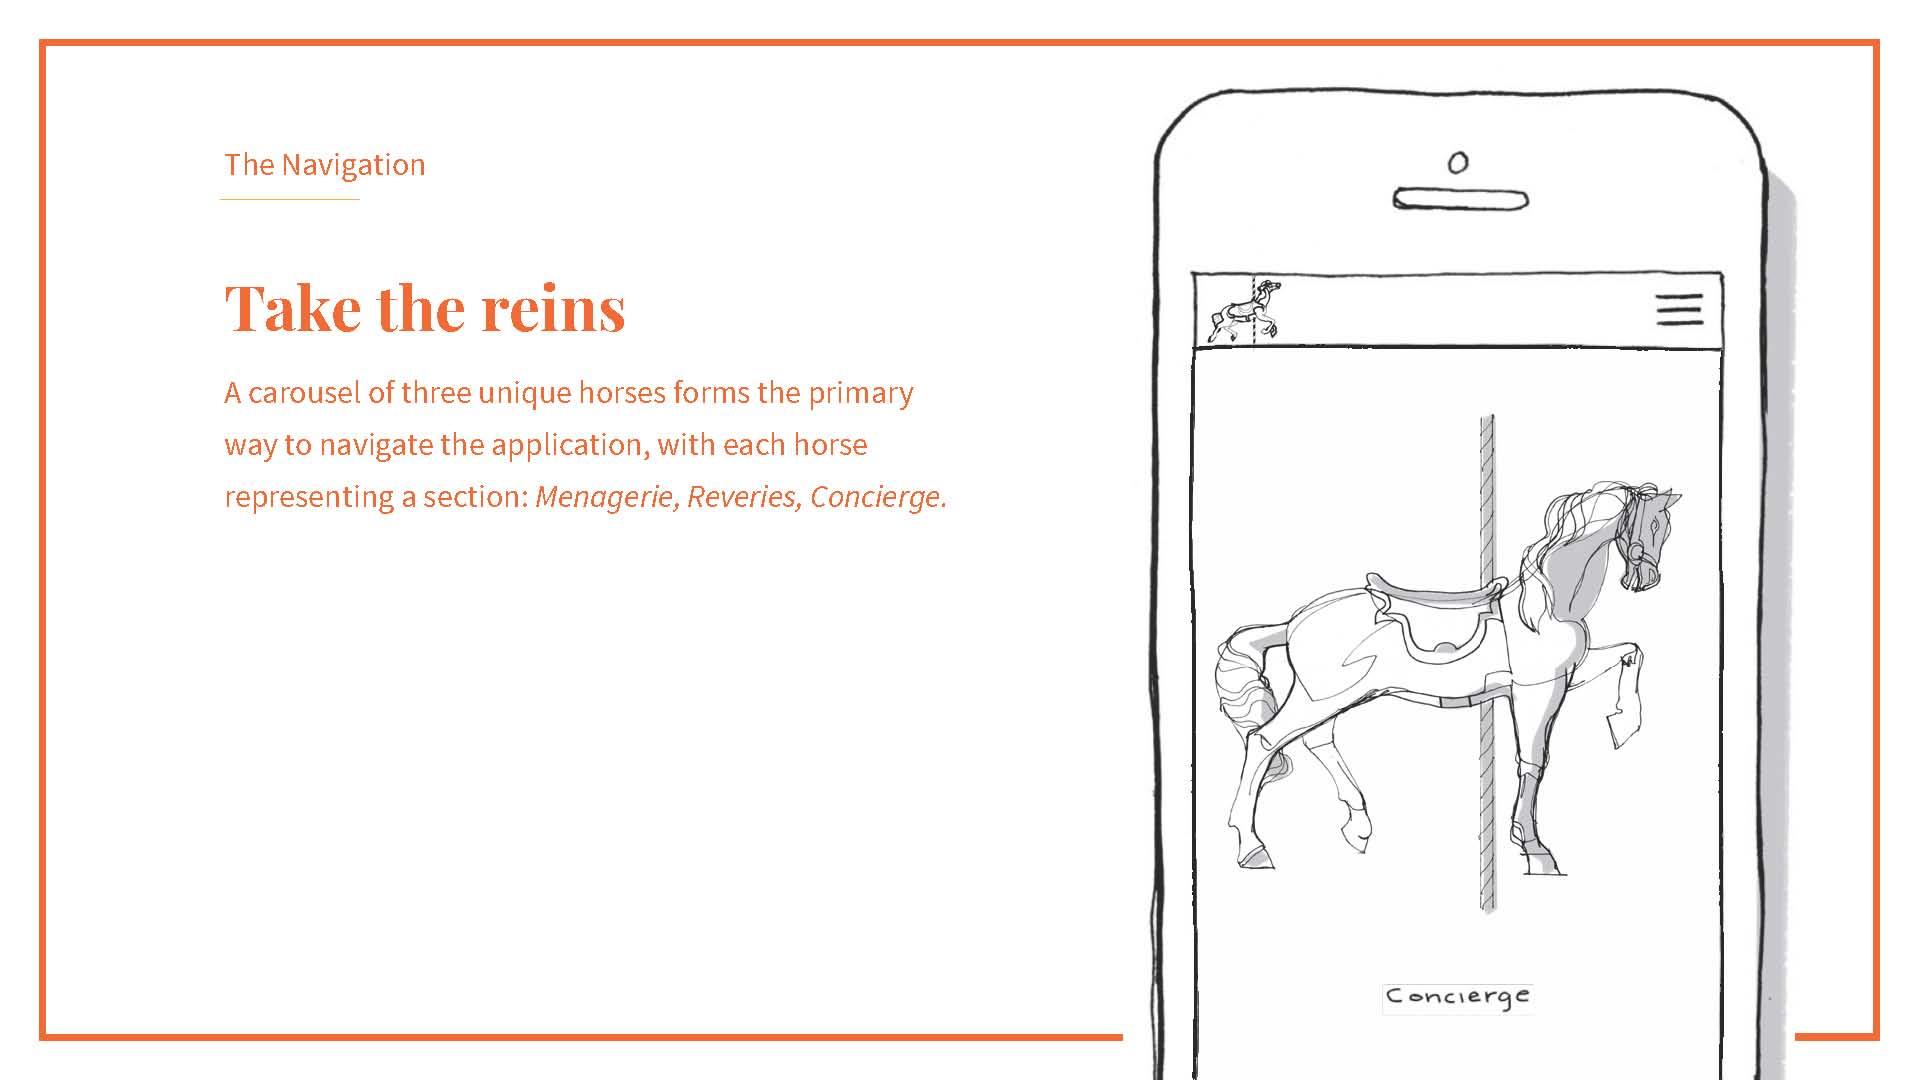 Hermes_062614_v2_Page_08.jpg